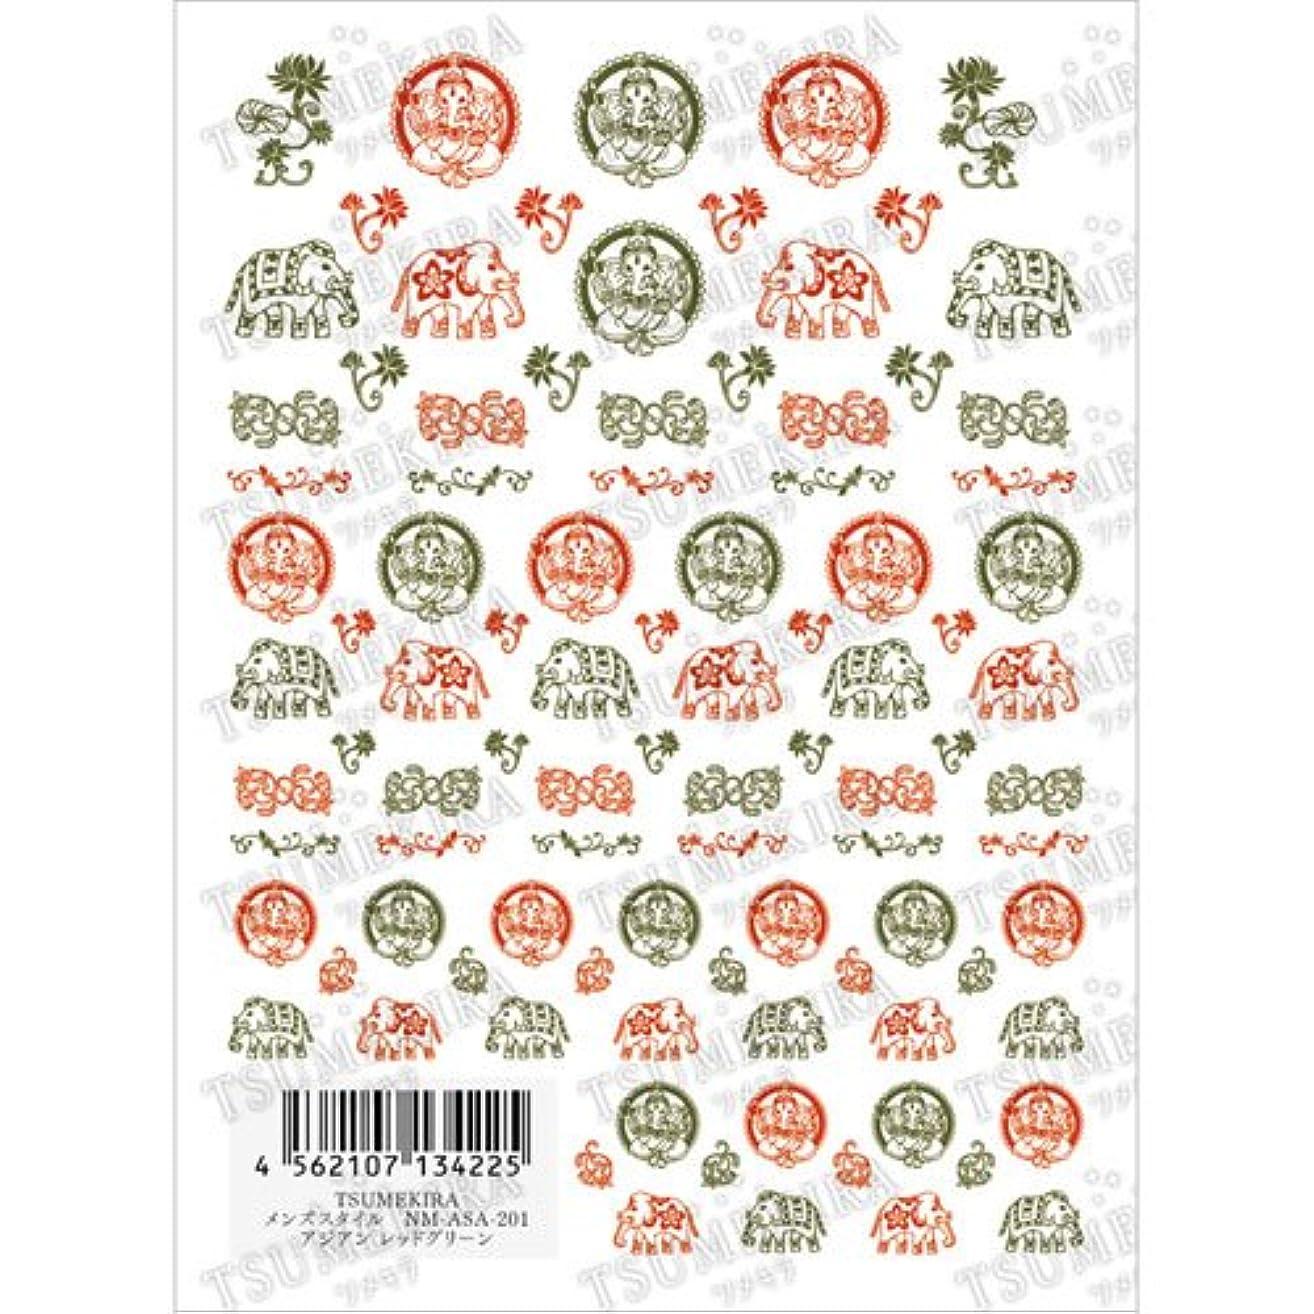 司書童謡後ツメキラ ネイル用シール メンズスタイル アジアン レッドグリーン